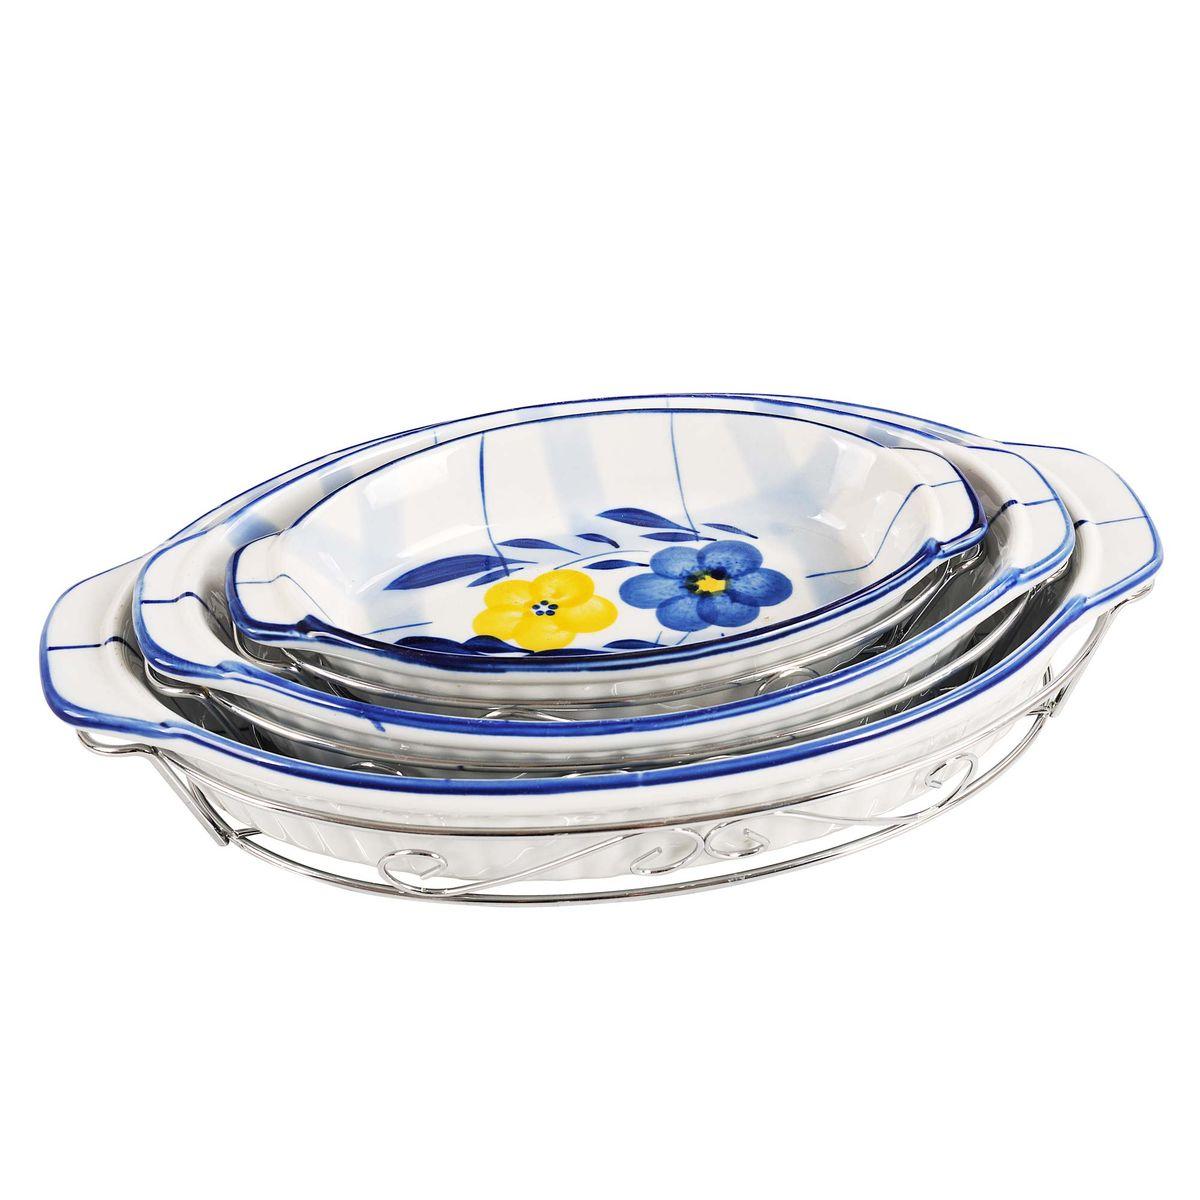 Набор блюд Bekker изготовлен из жаропрочной керамики с металлическими подставками.  Оригинальный цветочный дизайн придется по вкусу и ценителям классики, и тем, кто предпочитает утонченность и изящность. Подходит для приготовления блюд в микроволновой печи (без подставок) и духовом шкафу. Состав набора: 3 блюда на металлических подставках. Размеры:   20,5 х 11,5 х 3,5 см (первое блюдо);          25,5 х 15,5 х 4 см (второе блюдо);         30,5 х 18 х 4 см (третье блюдо).